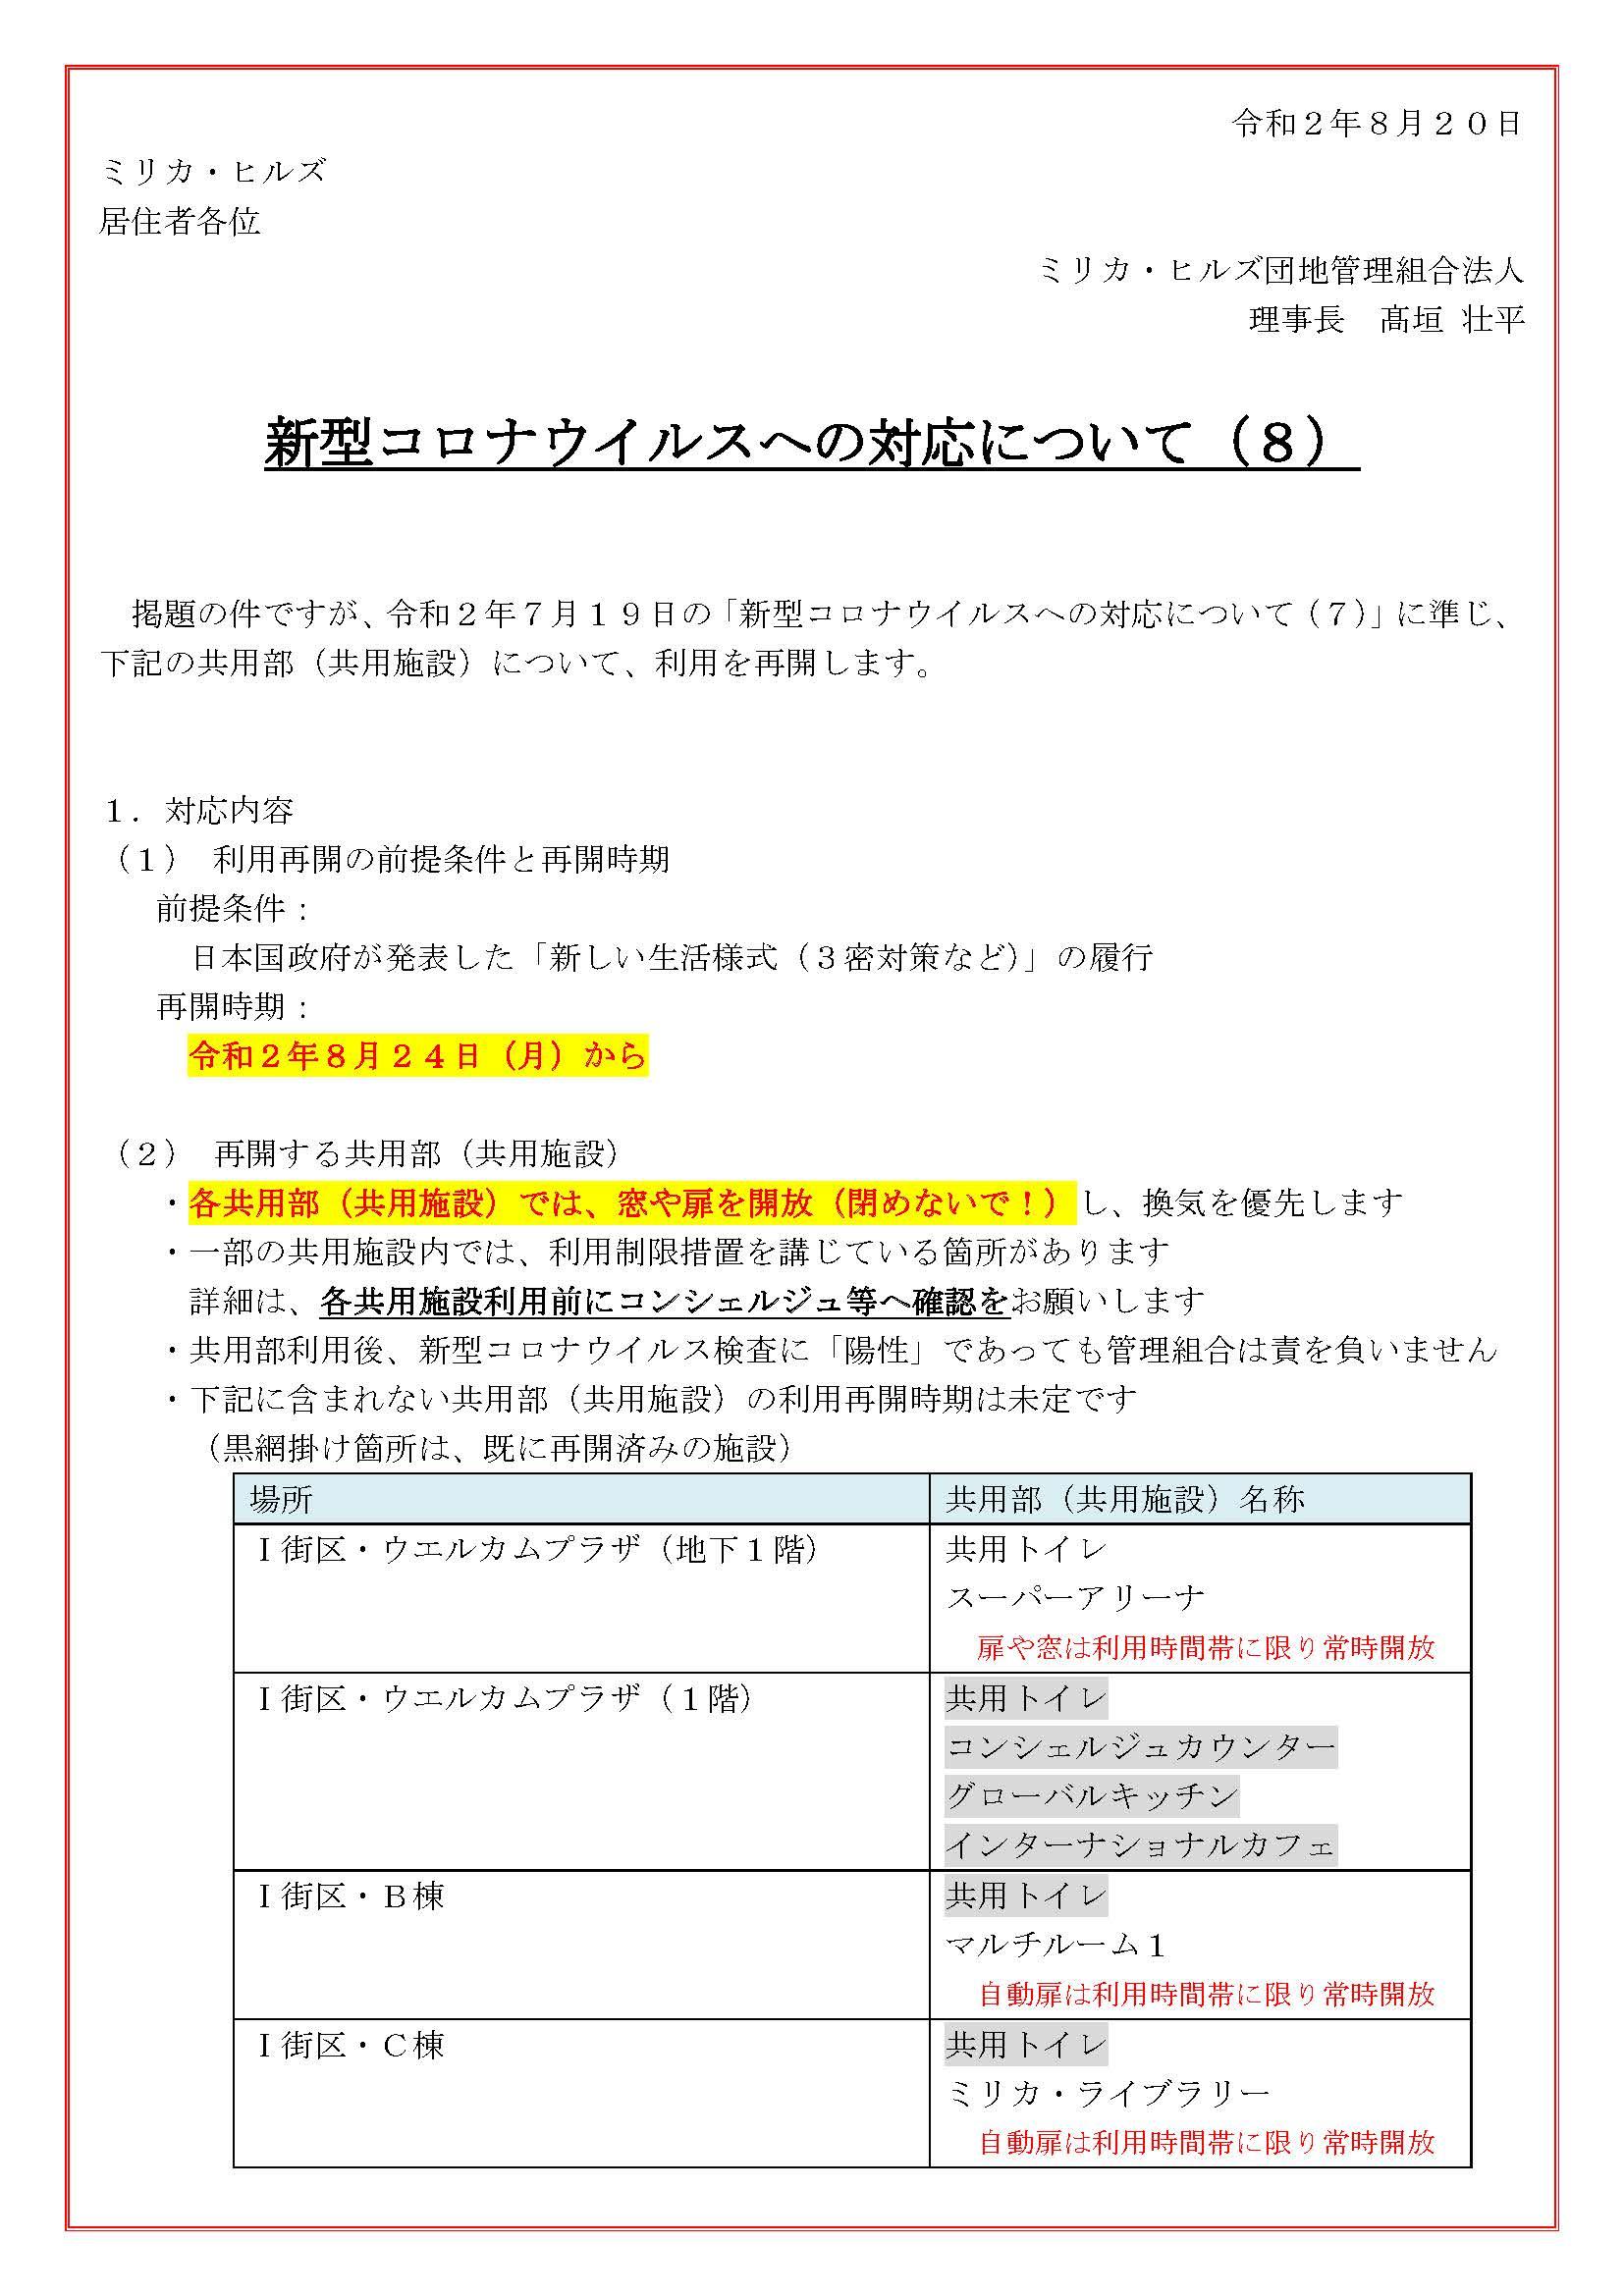 新型コロナウイルスへの対応に関するお知らせ(8)